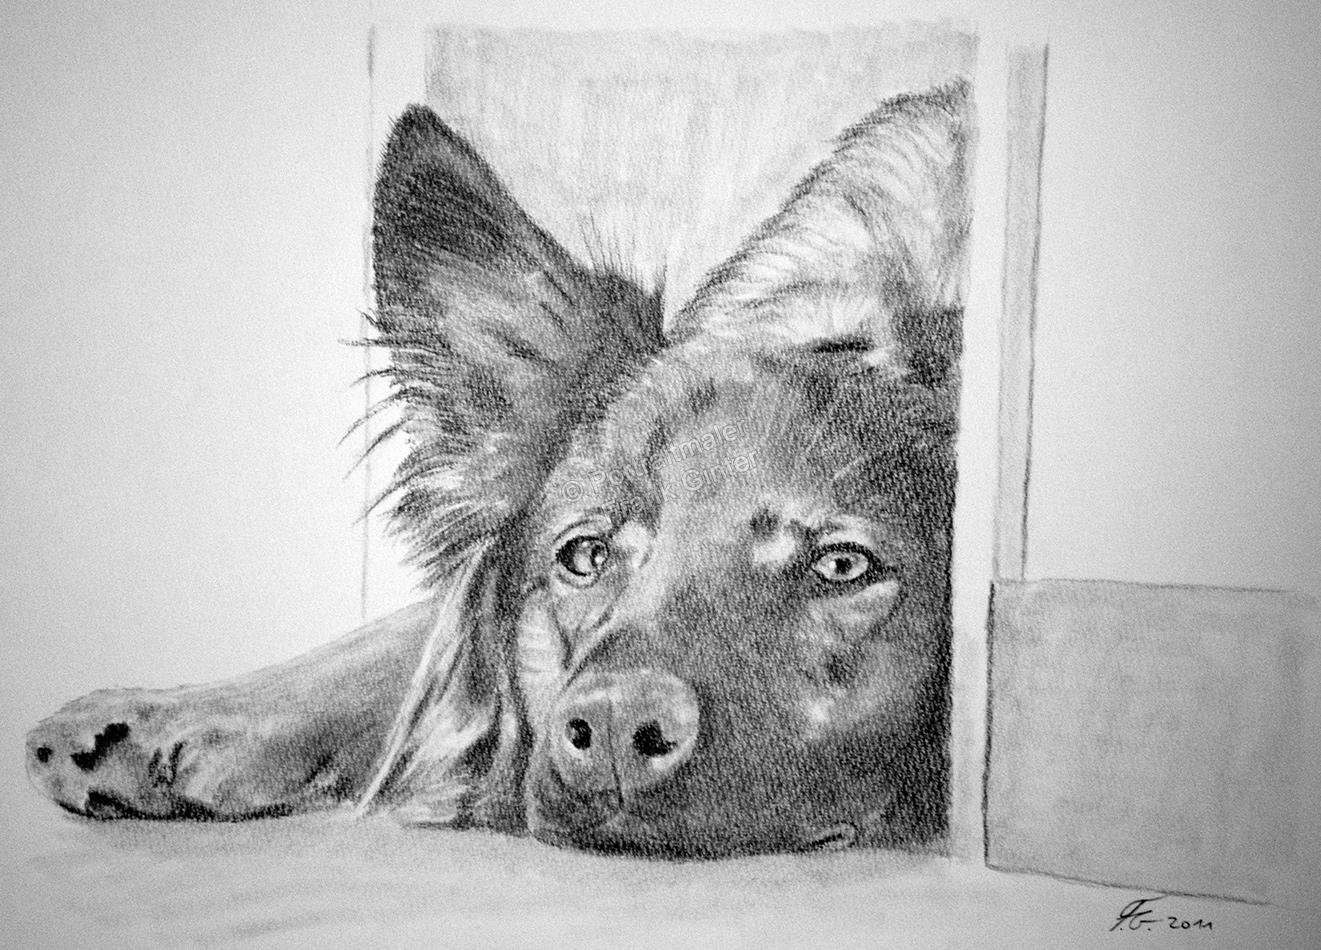 Bleistiftzeichnung vom Schäferhund, Tierzeichnungen, Bleistiftzeichnungen Tierportraits, Hundezeichnung Bleistift